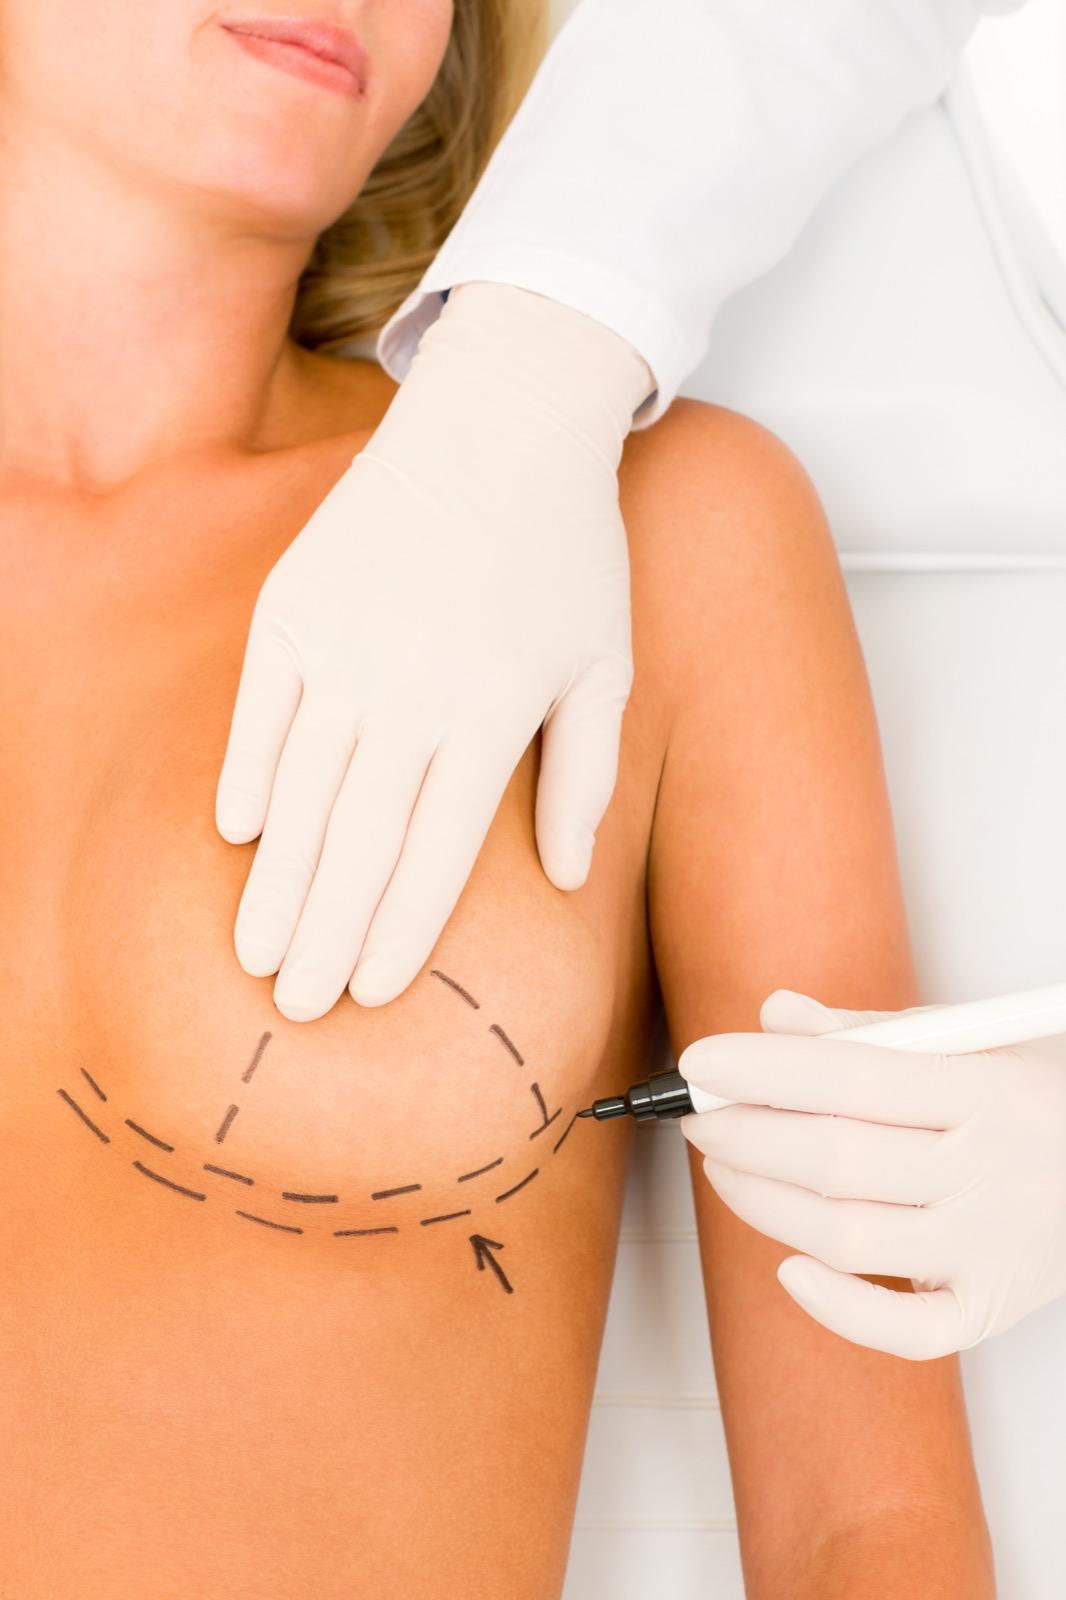 Correctie van asymmetrische borsten